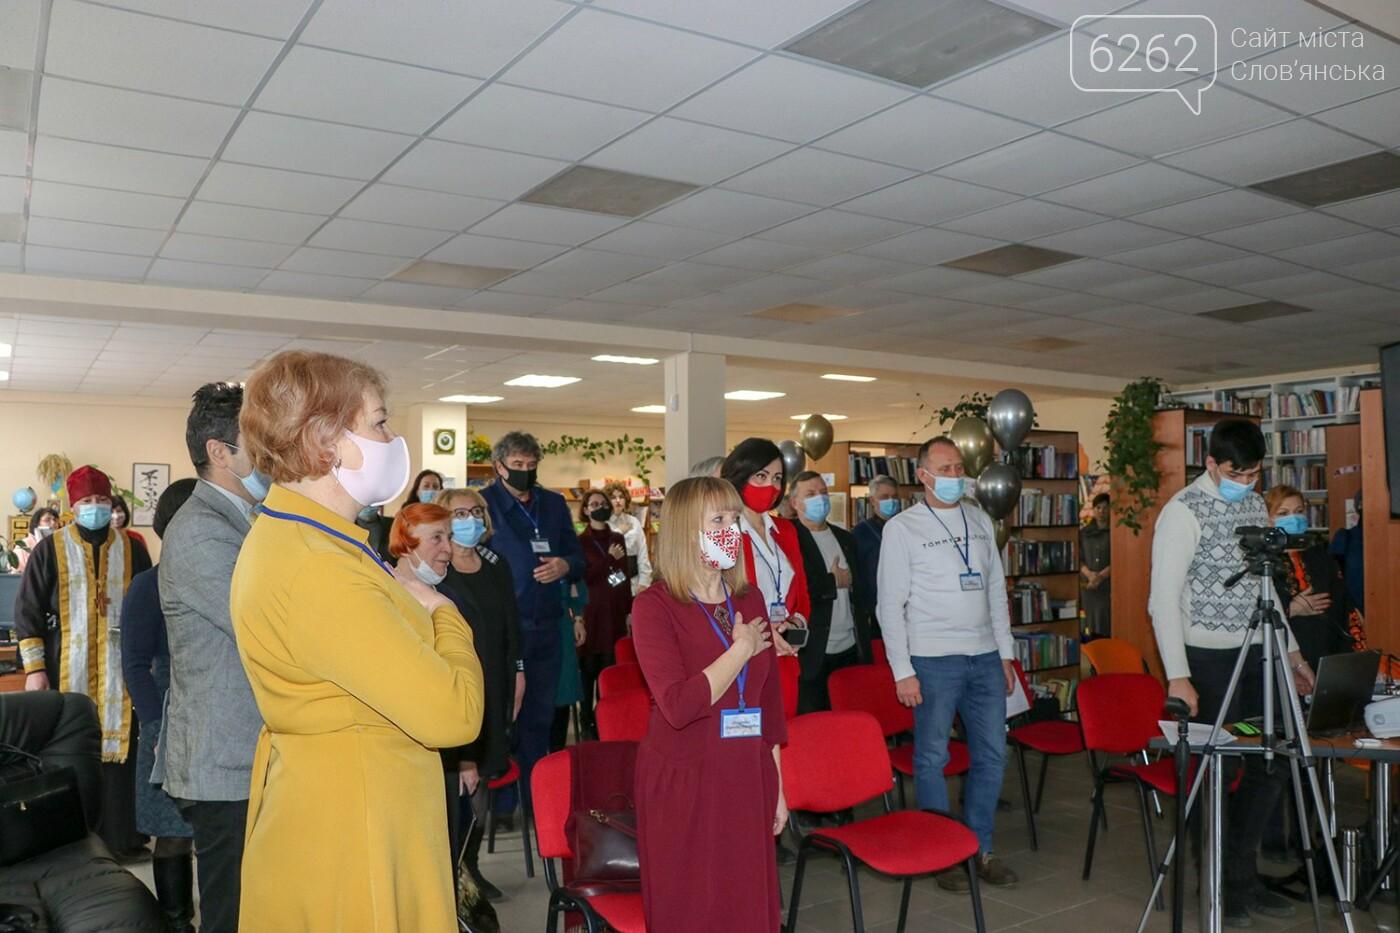 У слов'янській бібліотеці відбувся всеукраїнський фестиваль пам'яті Сосюри, фото-6